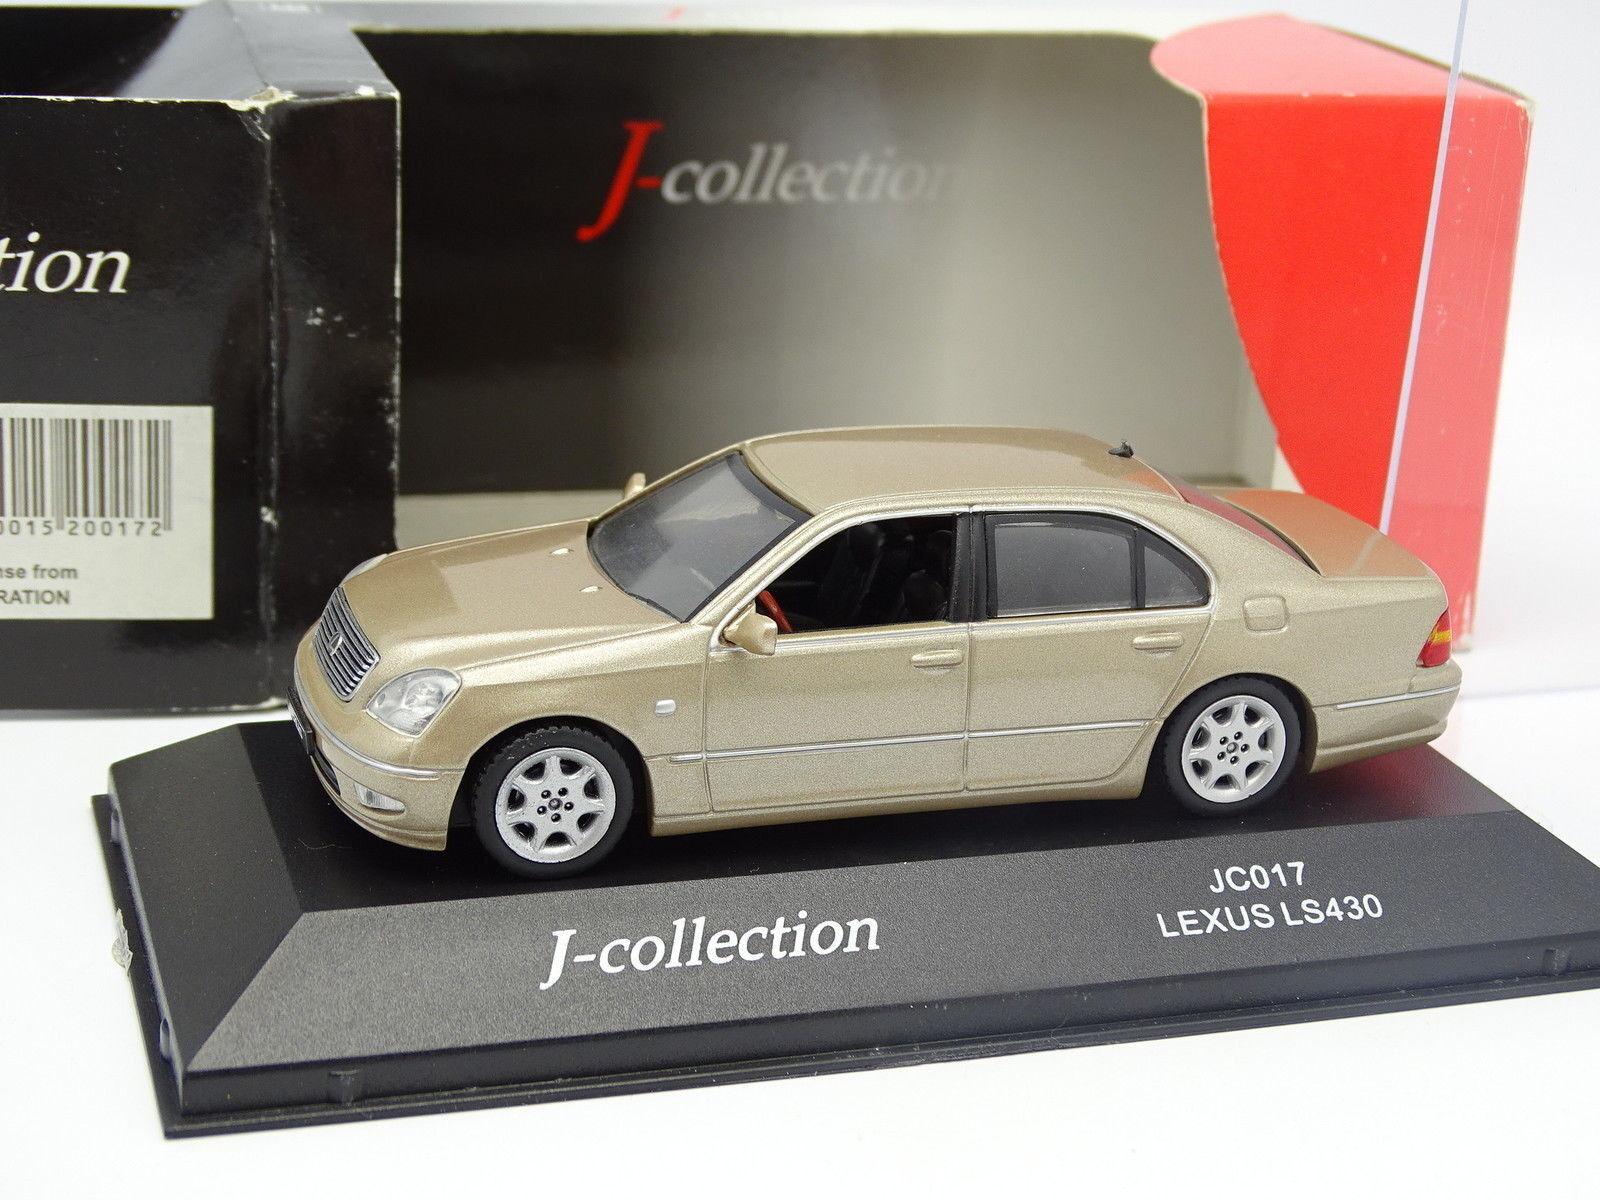 últimos estilos J Collection 1 43 - Lexus Ls 430 Beige Beige Beige Metal  Nuevos productos de artículos novedosos.